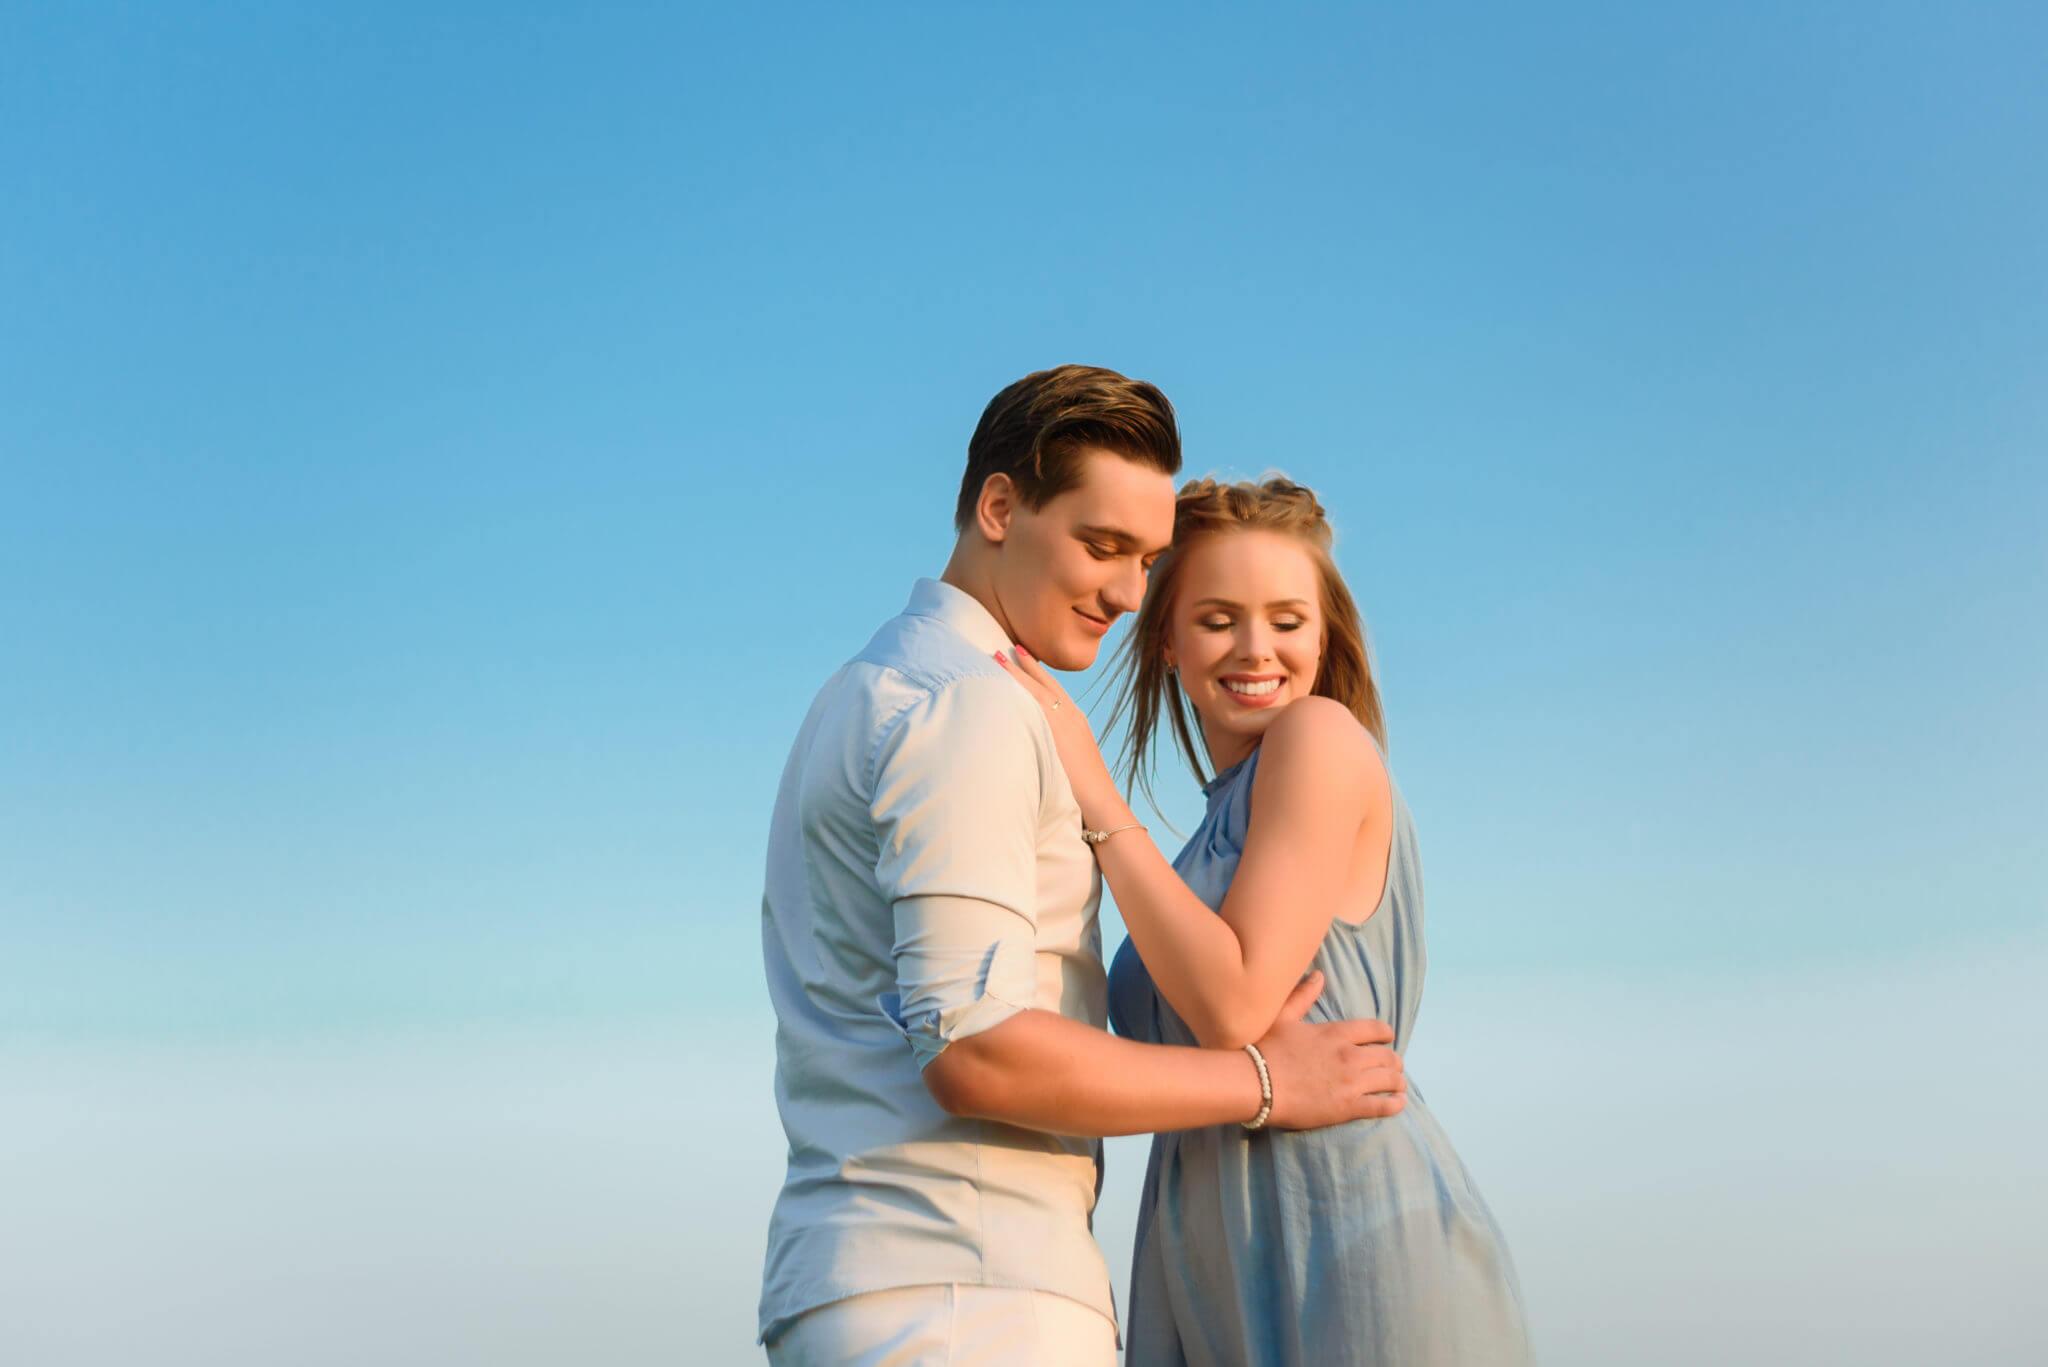 Love Story на природе, локация Родина Мать, пара обнимается на фоне неба, ph Постникова Алиса